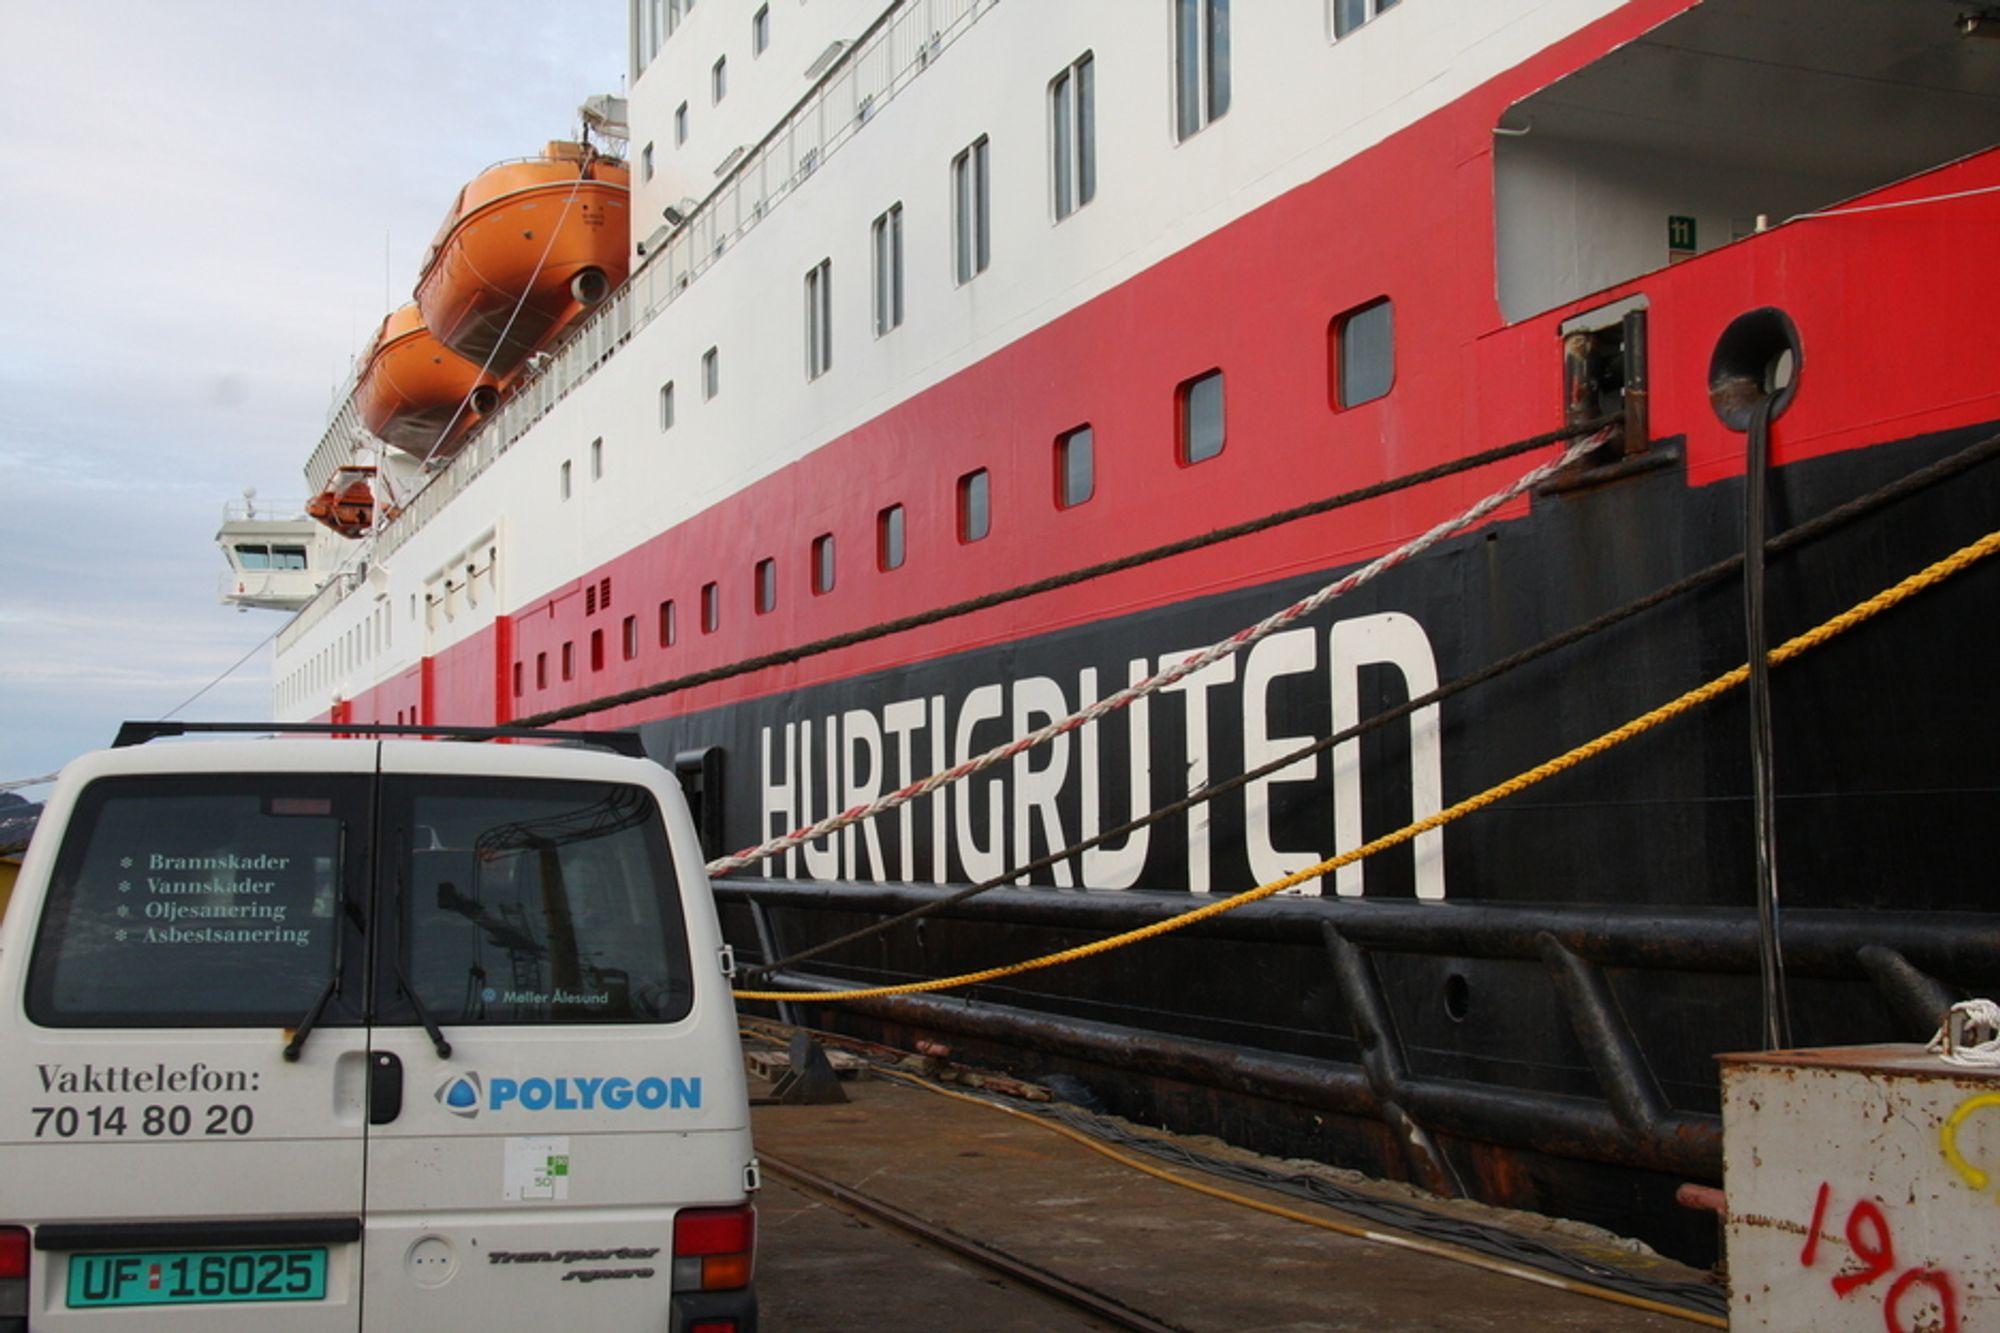 VASK: Nordlys ved kai på Fiskerstrand Verft. Syv verft har levert anbud på reparasjoner. Mye av fellesområdene på skipet er vasket og renset mens Hurtigruten vurderer anbudene.